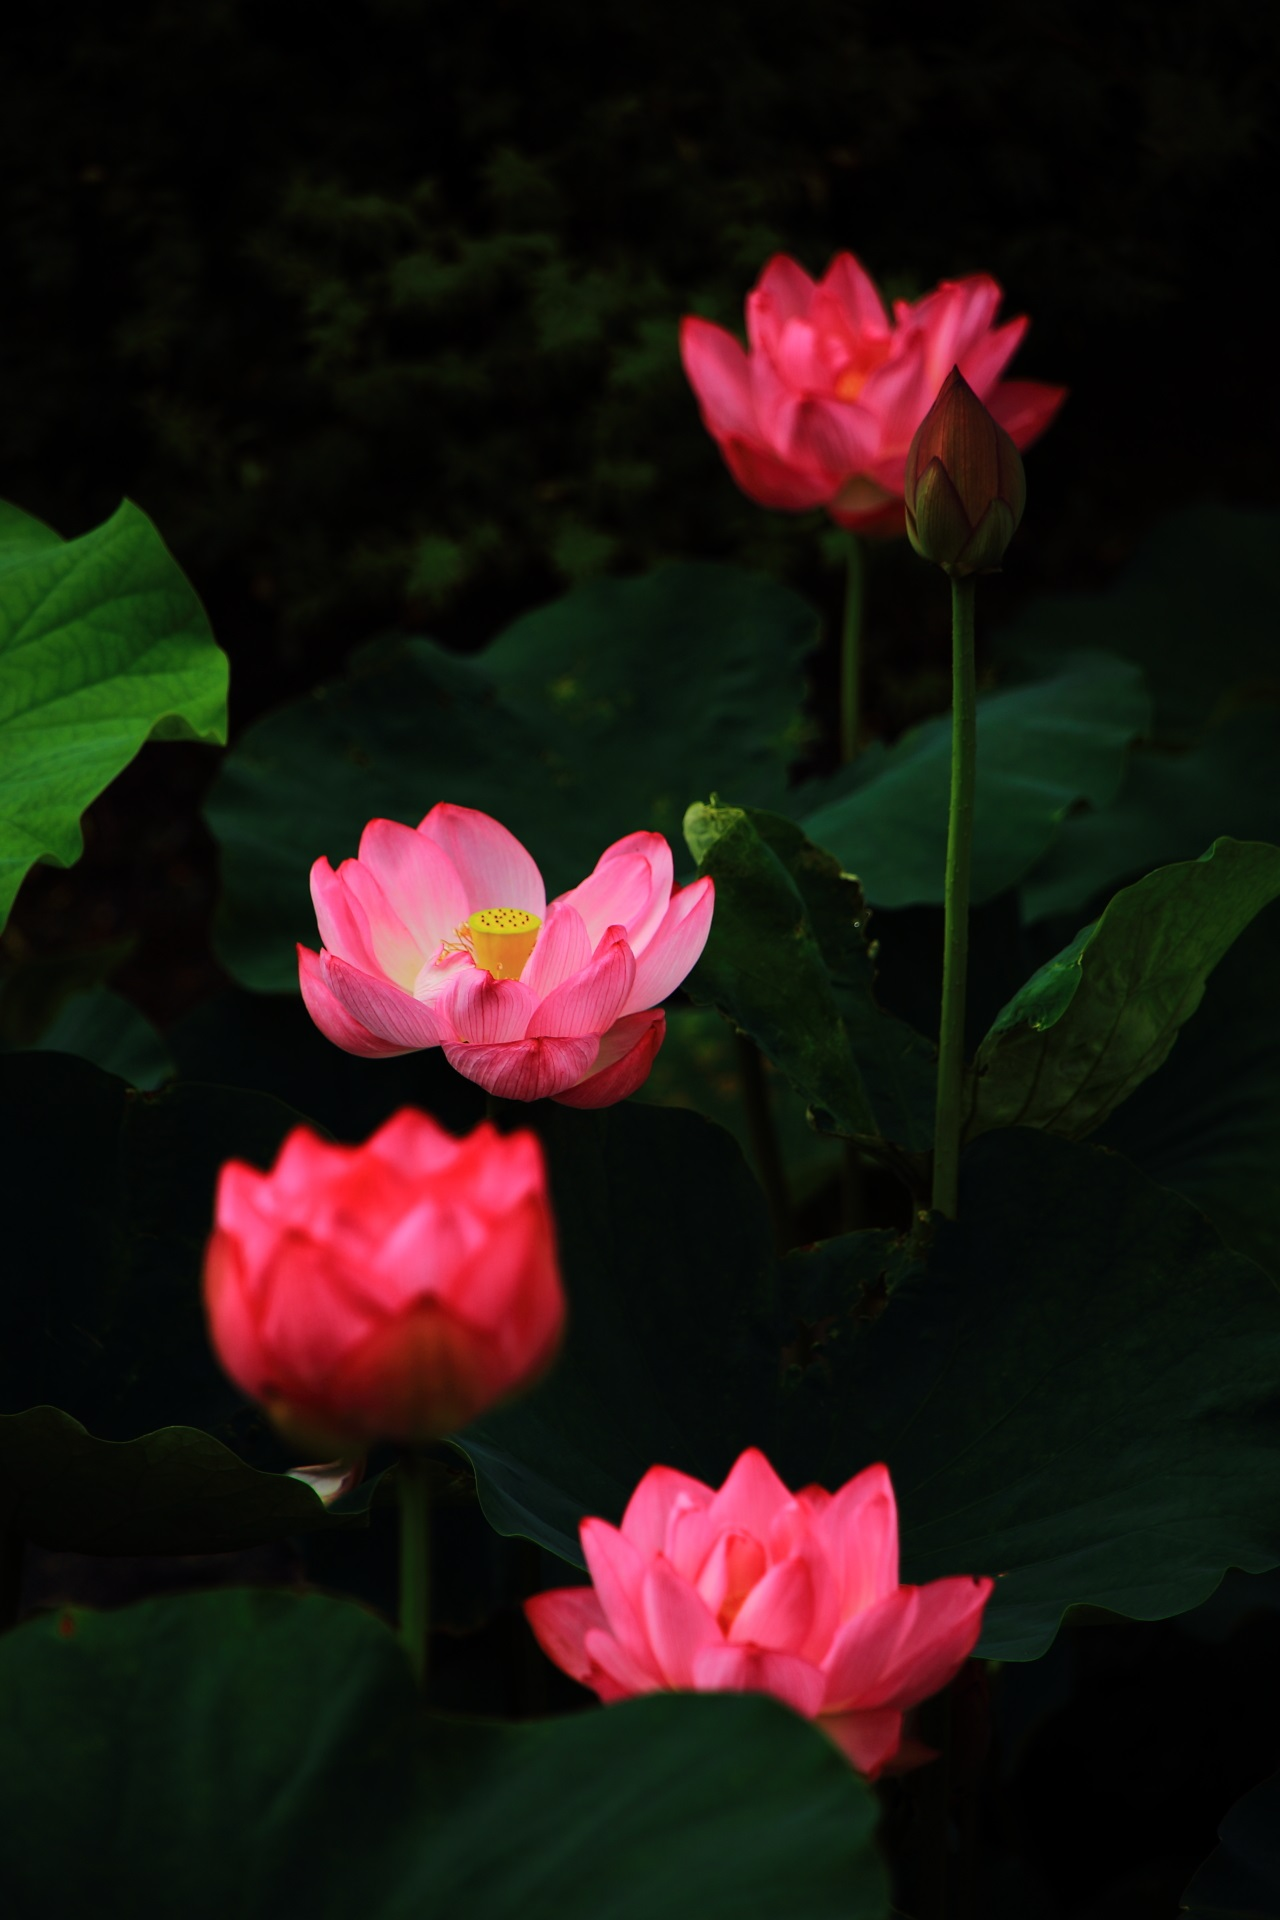 東寺のほのかに輝く幻想的な蓮の花